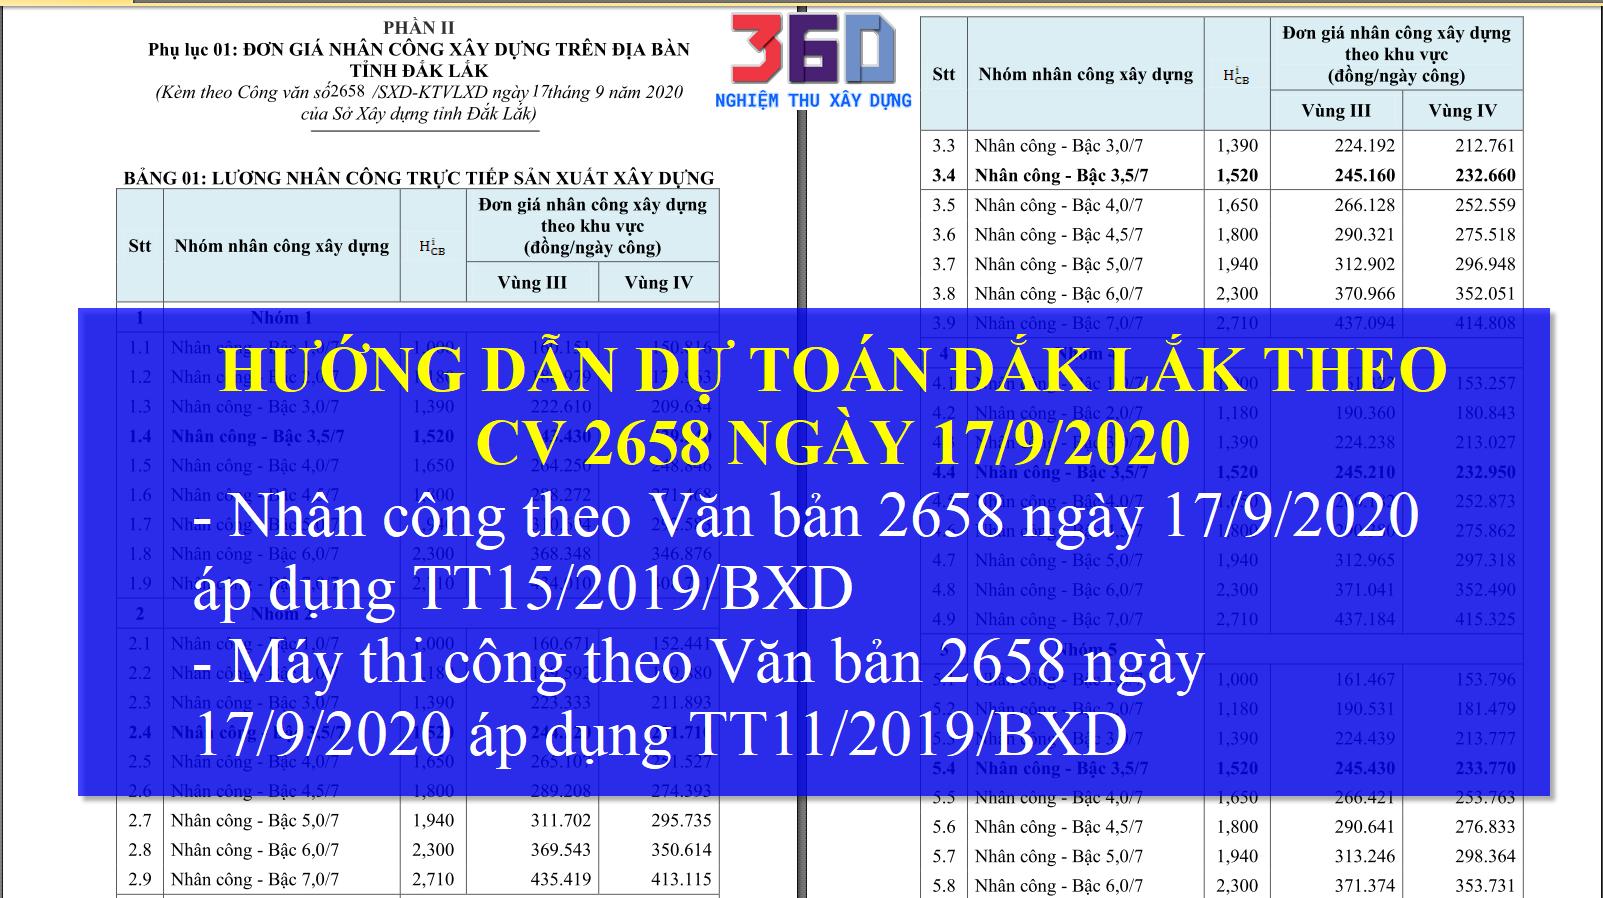 Hướng dẫn dự toán Đắk Lắk 2020 nhân công và máy theo văn bản 2658 ngày 17/9/2020